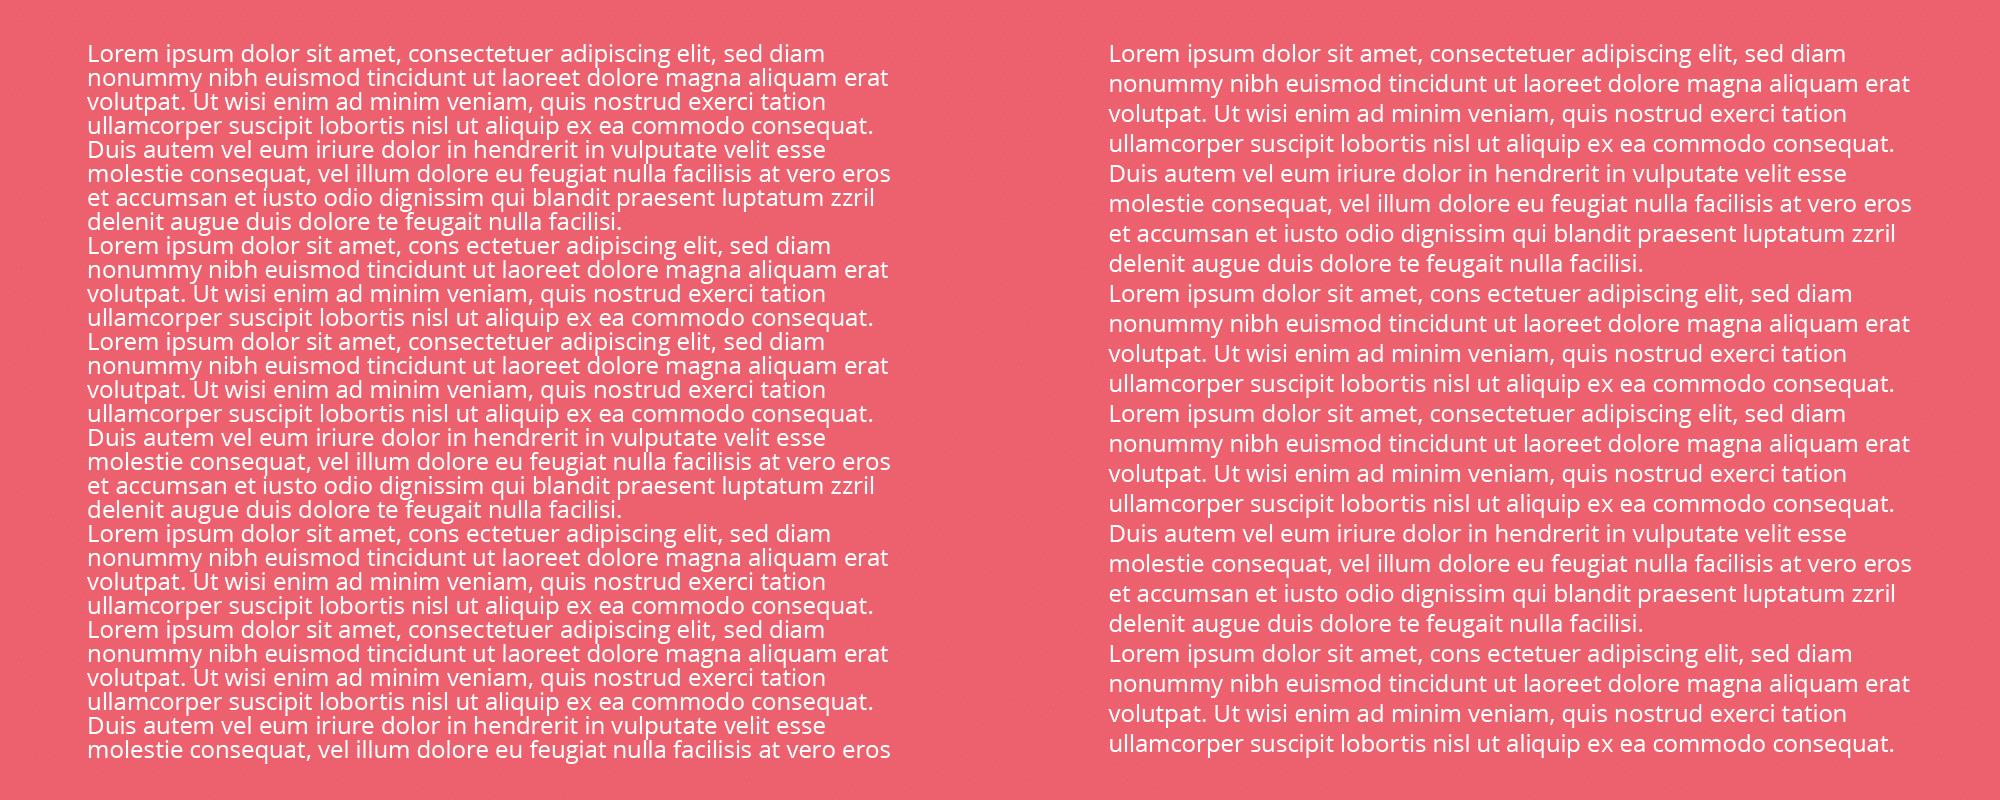 voorkom deze typografie fouten - ruimte tussen regels